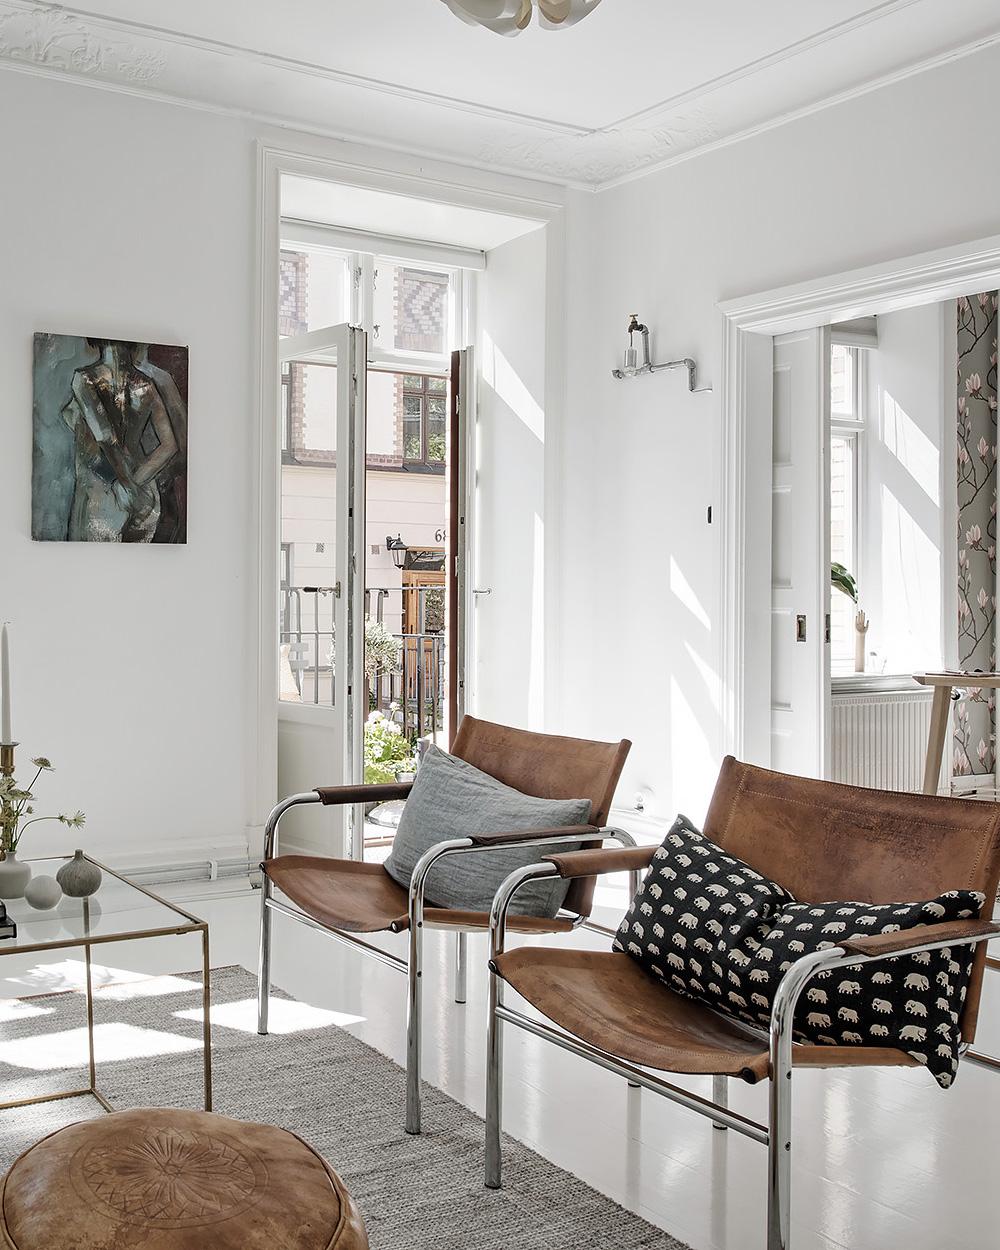 fauteuils en cuir dans salon blanc